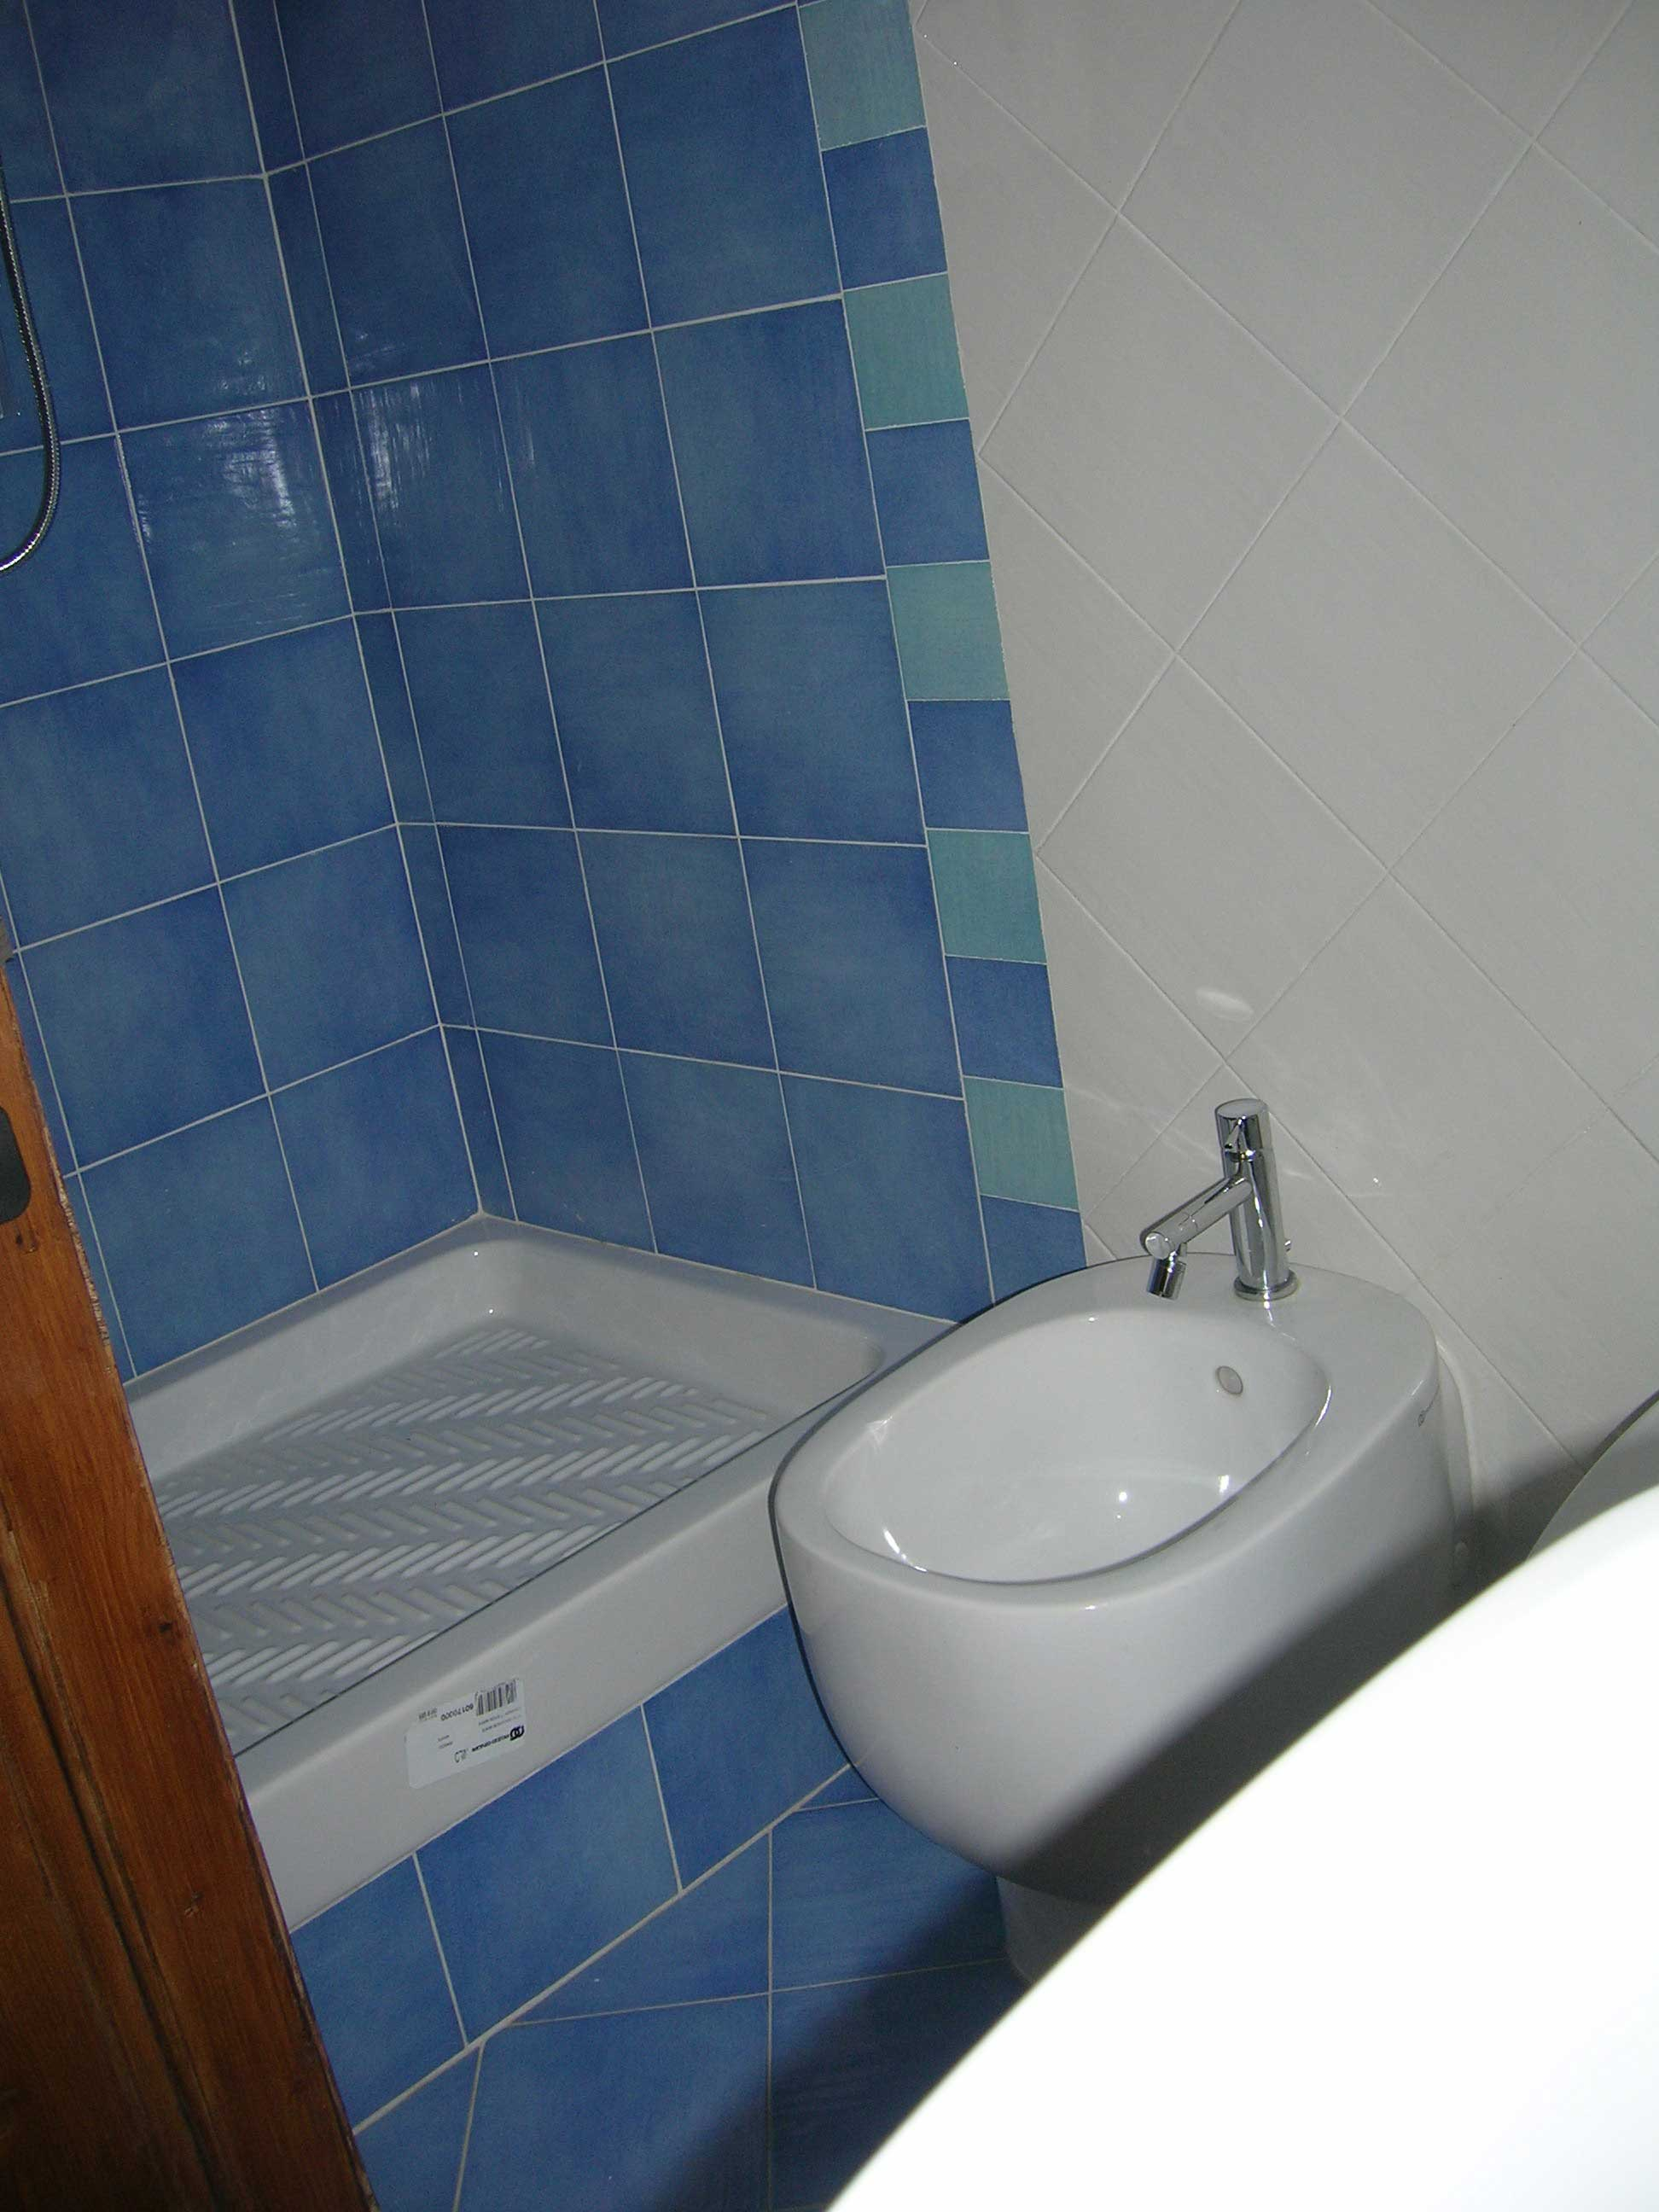 Nuovo bagno good nuovo mattonelle della stanza da bagno - Costo costruzione nuovo bagno ...